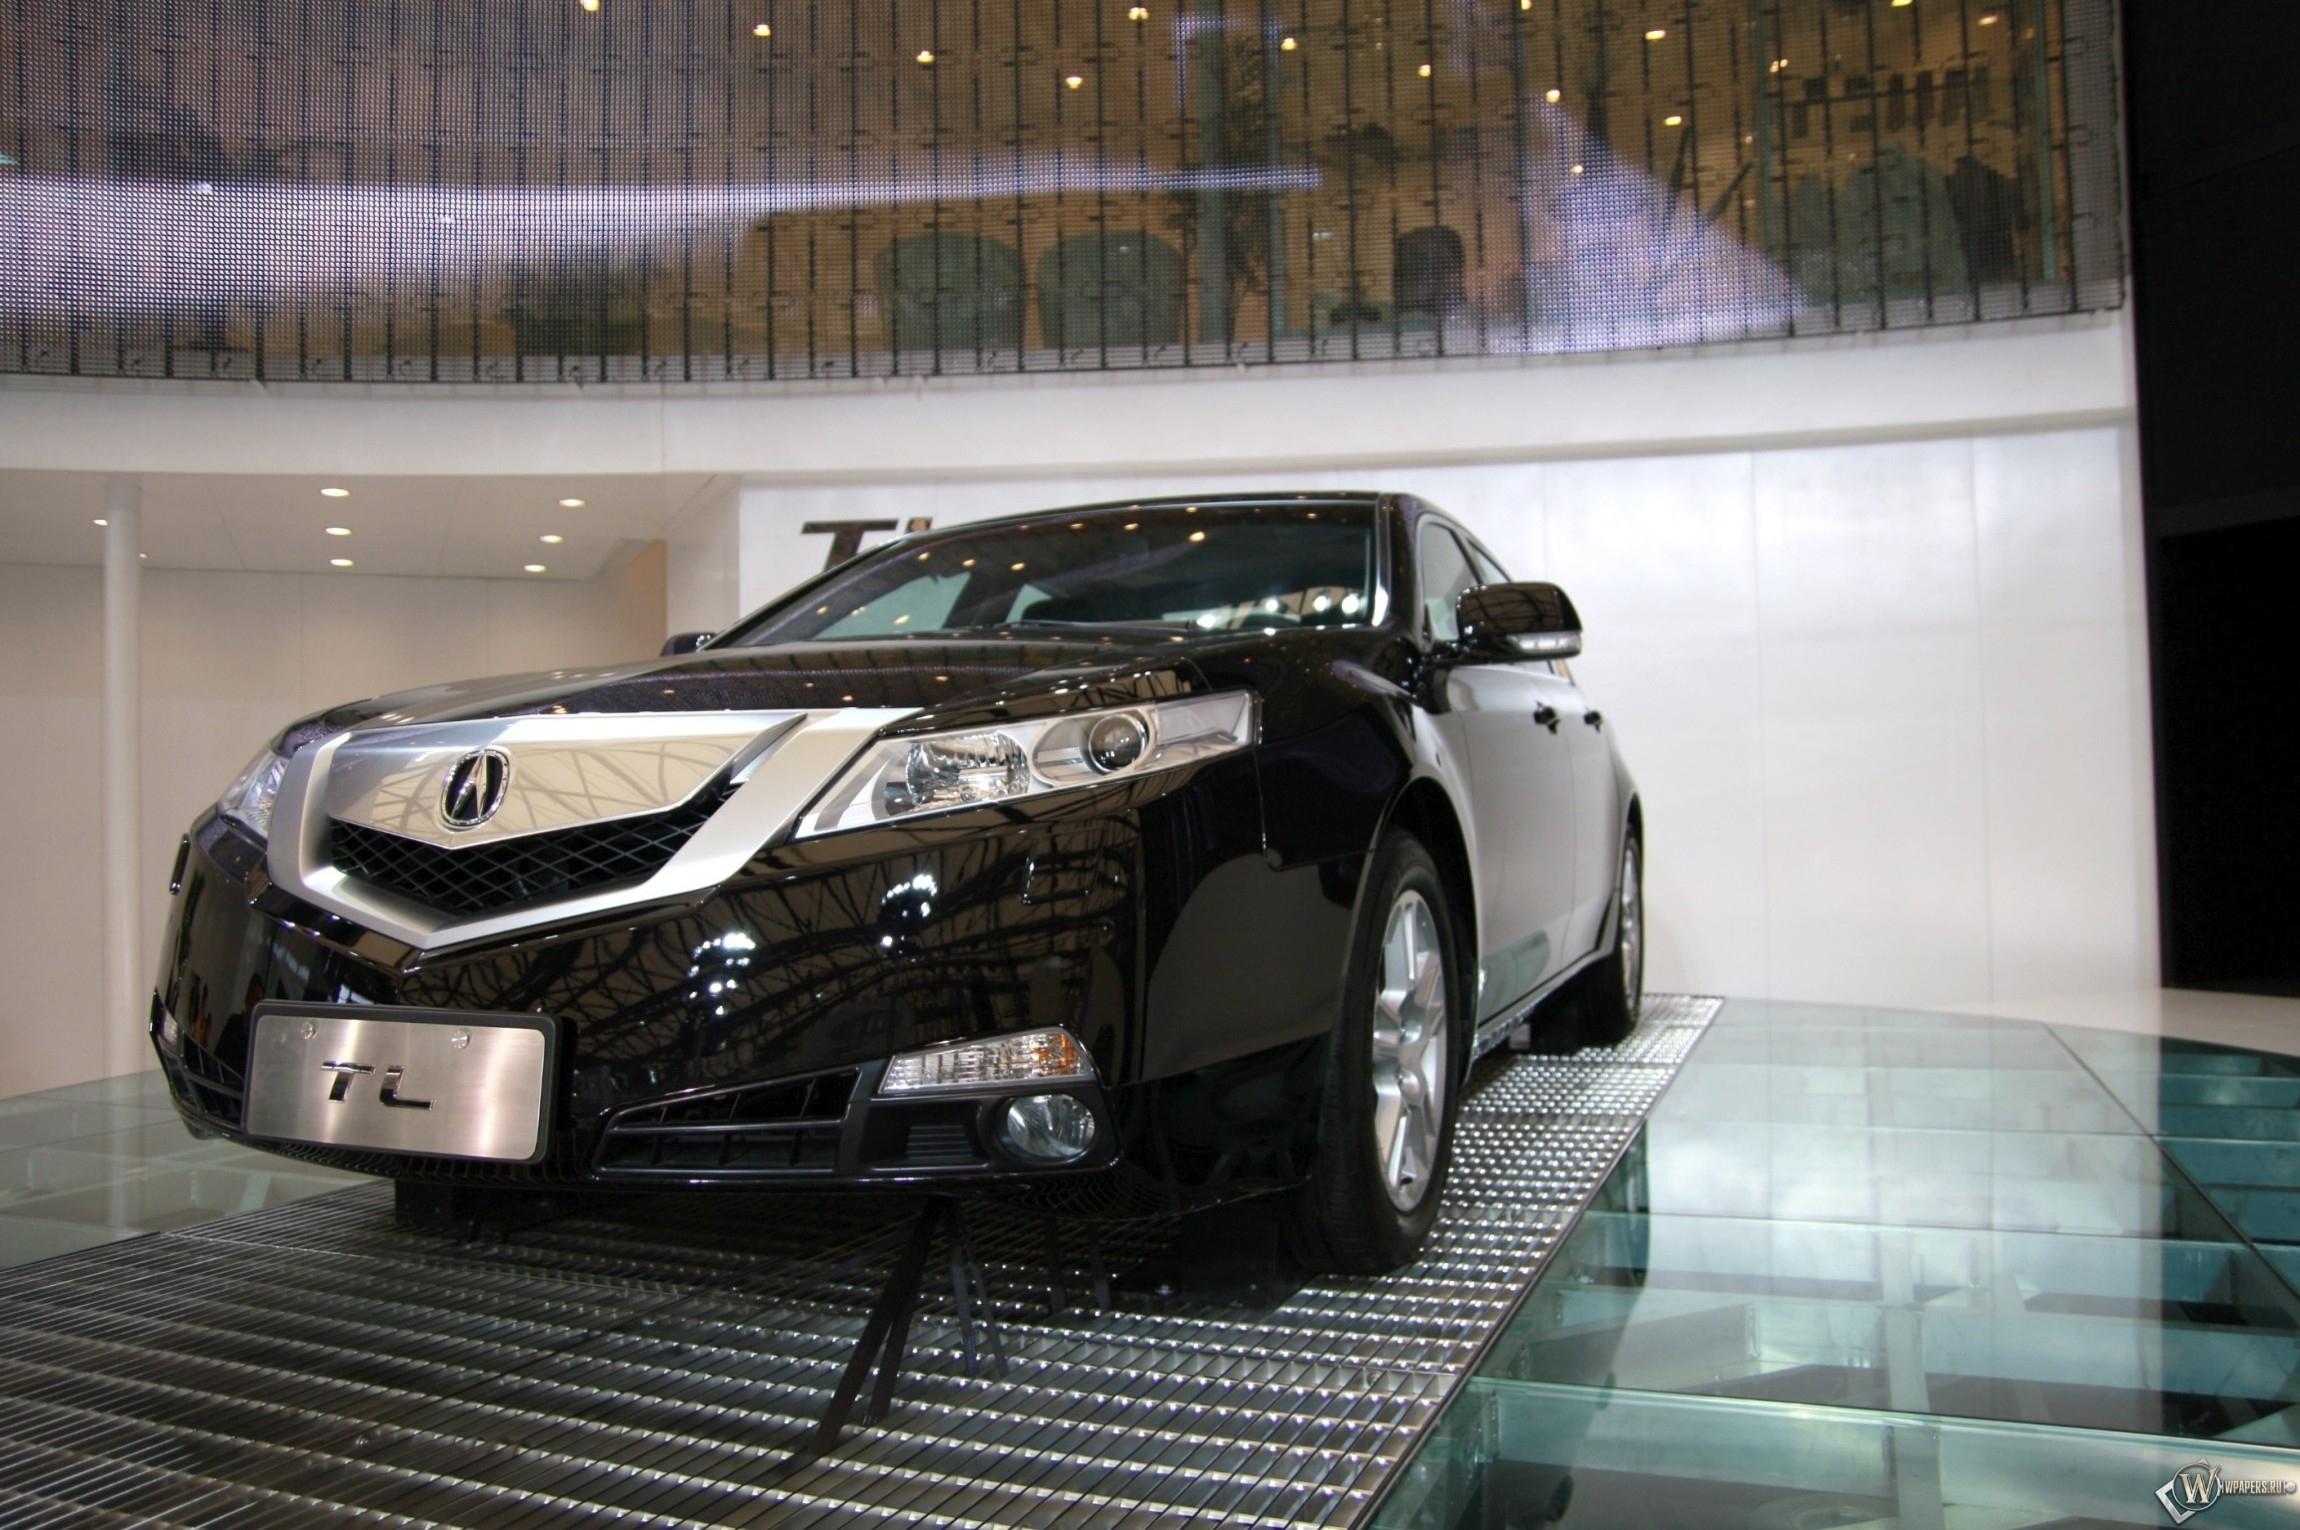 Acura TL (2009) 2300x1530